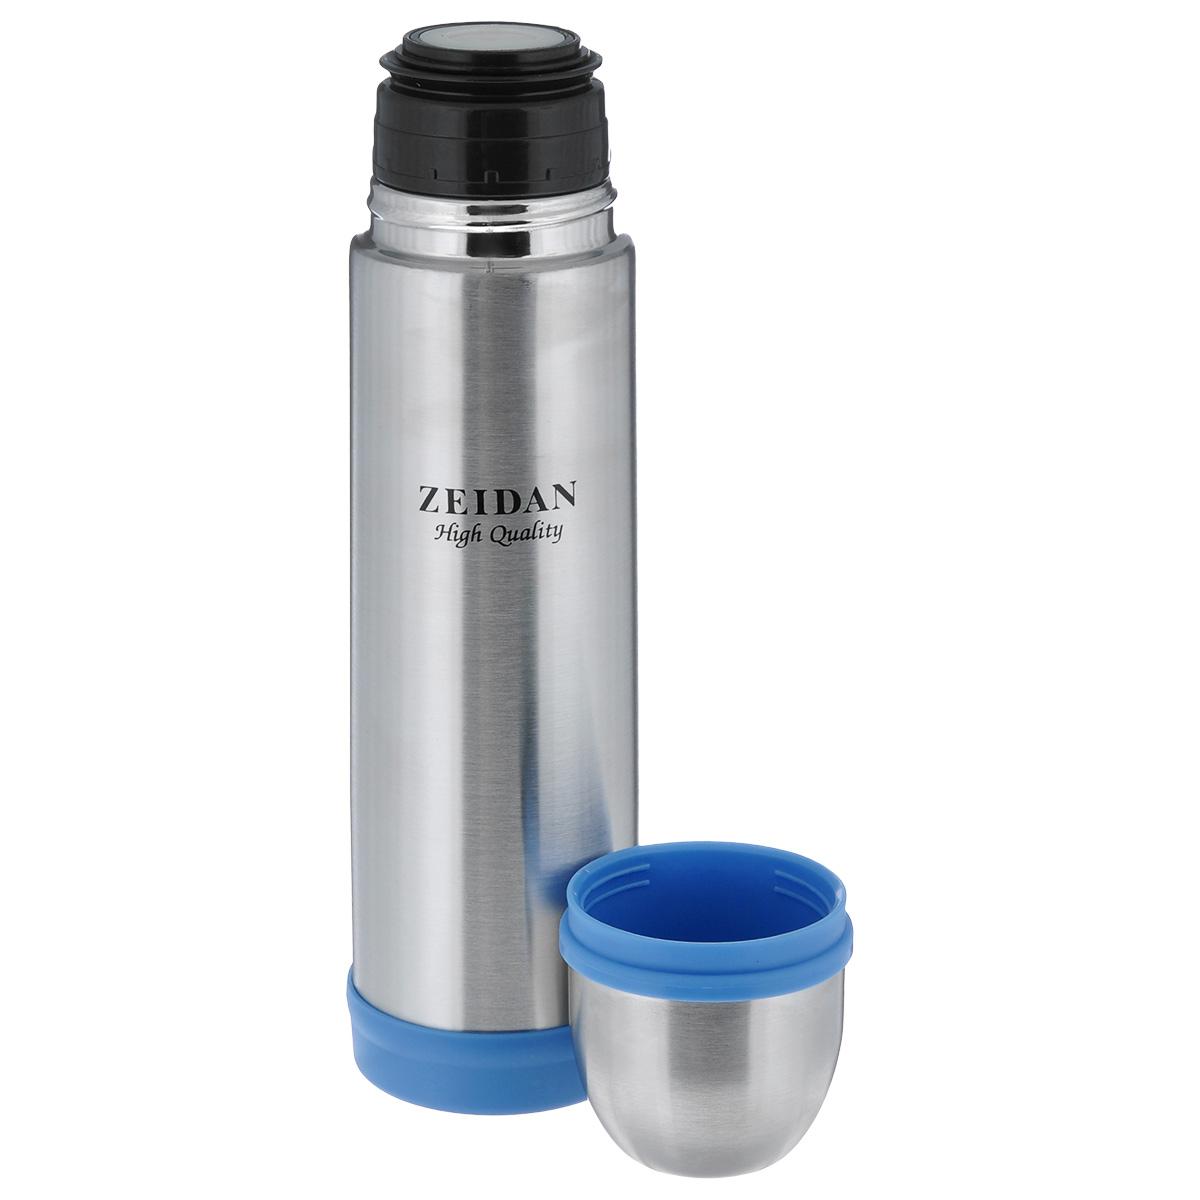 """Термос с узким горлом """"Zeidan"""", изготовленный из высококачественной нержавеющей стали, является простым в использовании, экономичным и многофункциональным. Термос с двухстеночной вакуумной изоляцией предназначен для хранения горячих и холодных напитков (чая, кофе). Изделие укомплектовано пробкой с кнопкой. Такая пробка удобна в использовании и позволяет, не отвинчивая ее, наливать напитки после простого нажатия. Изделие также оснащено крышкой-чашкой. Легкий и прочный термос """"Zeidan"""" сохранит ваши напитки горячими или холодными надолго.Высота (с учетом крышки): 26,5 см.Диаметр горлышка: 4,5 см."""